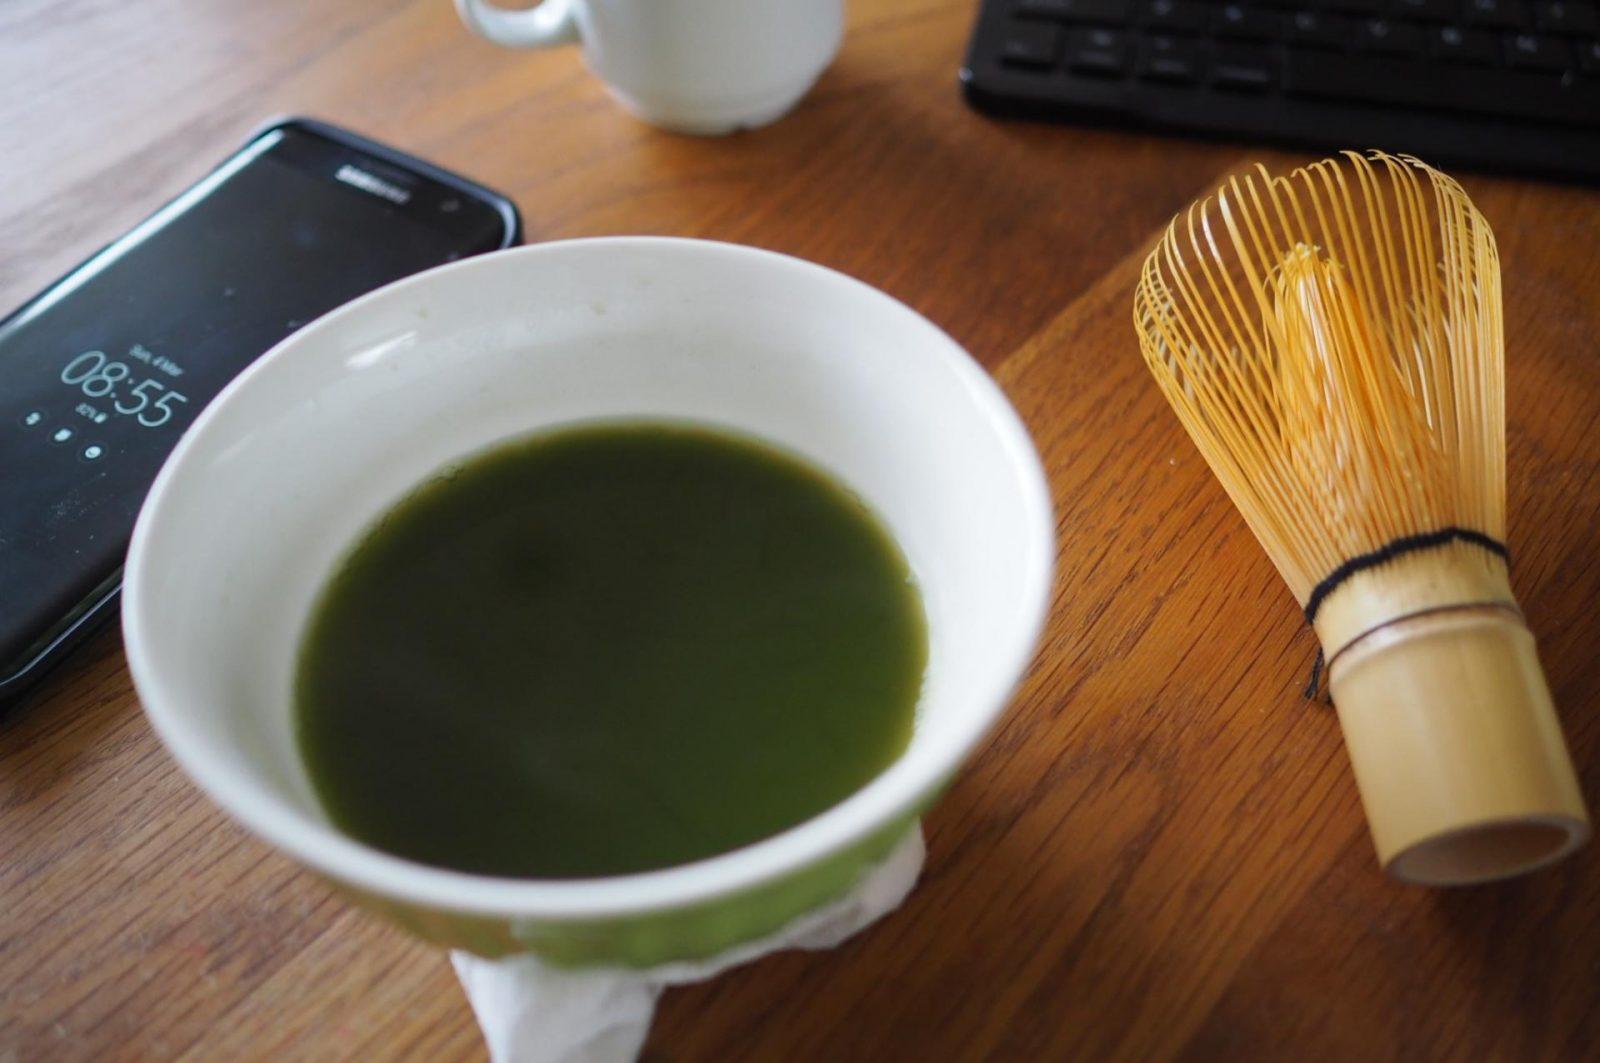 matcha tea by adagio